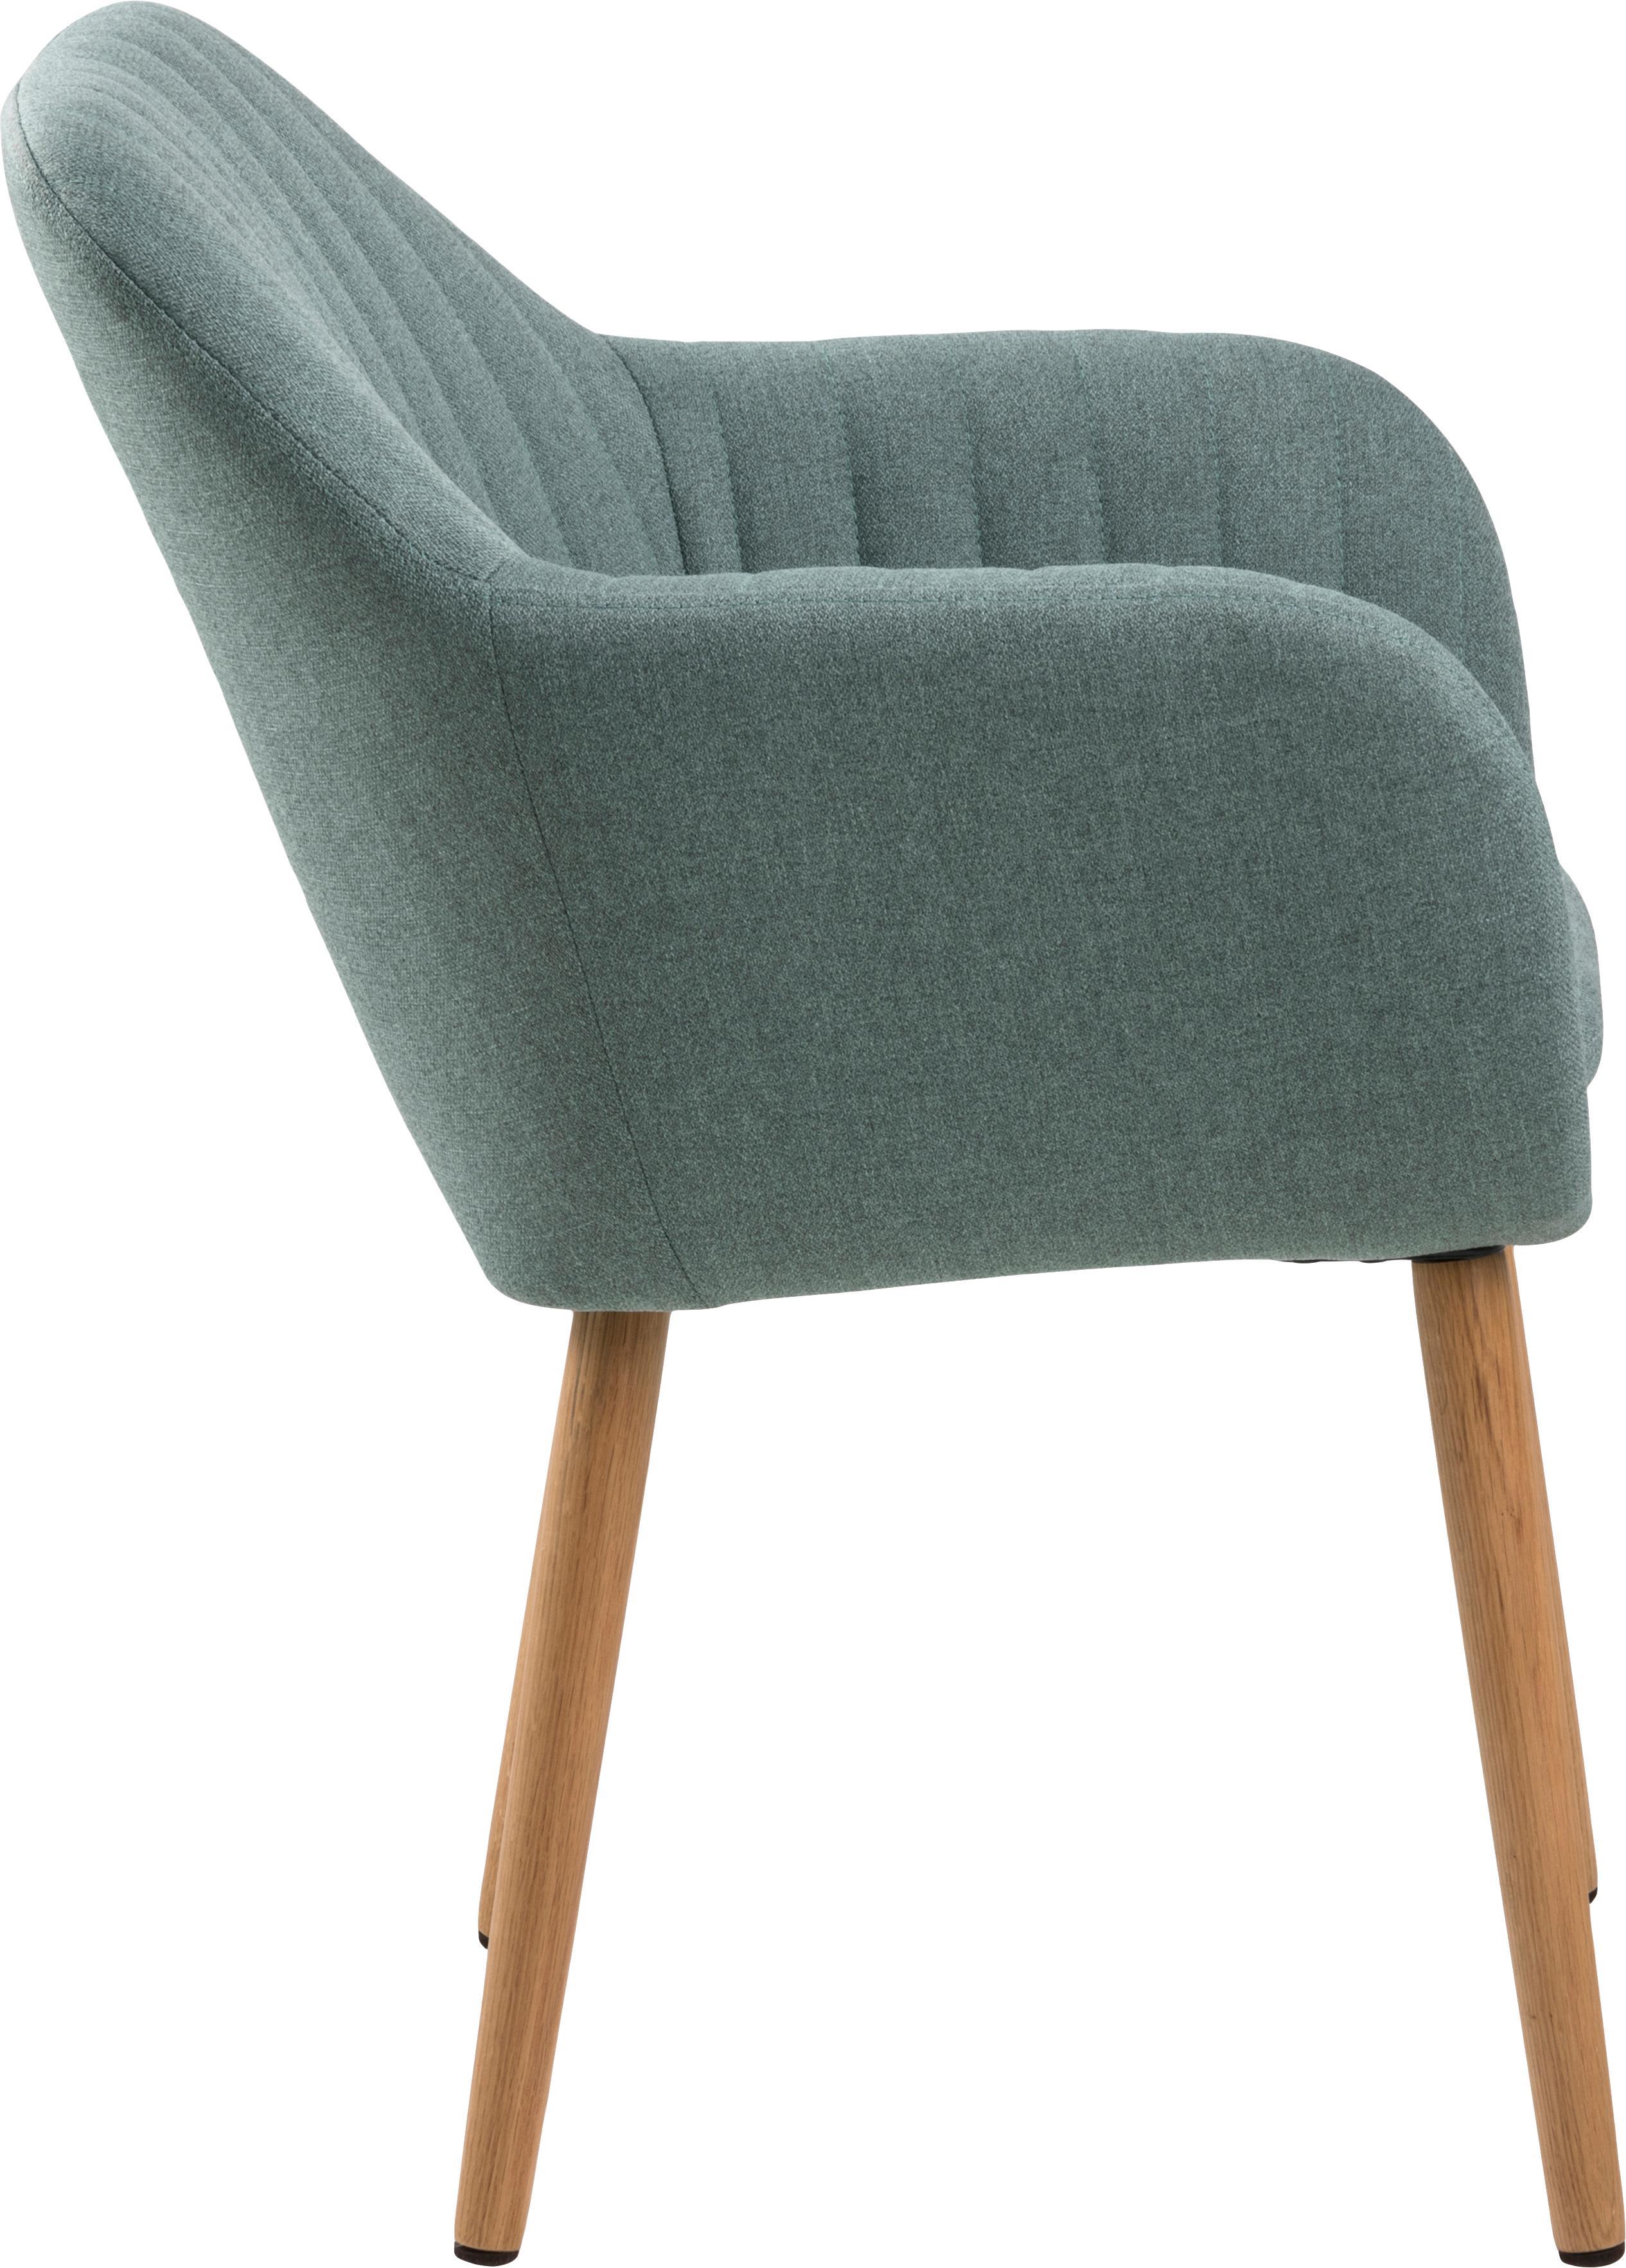 Polsterstuhl Emilia mit Armlehne, Bezug: Polyester, Beine: Eichenholz, ölbehandelt D, Webstoff Olivegrün, Beine Eiche, B 57 x T 59 cm